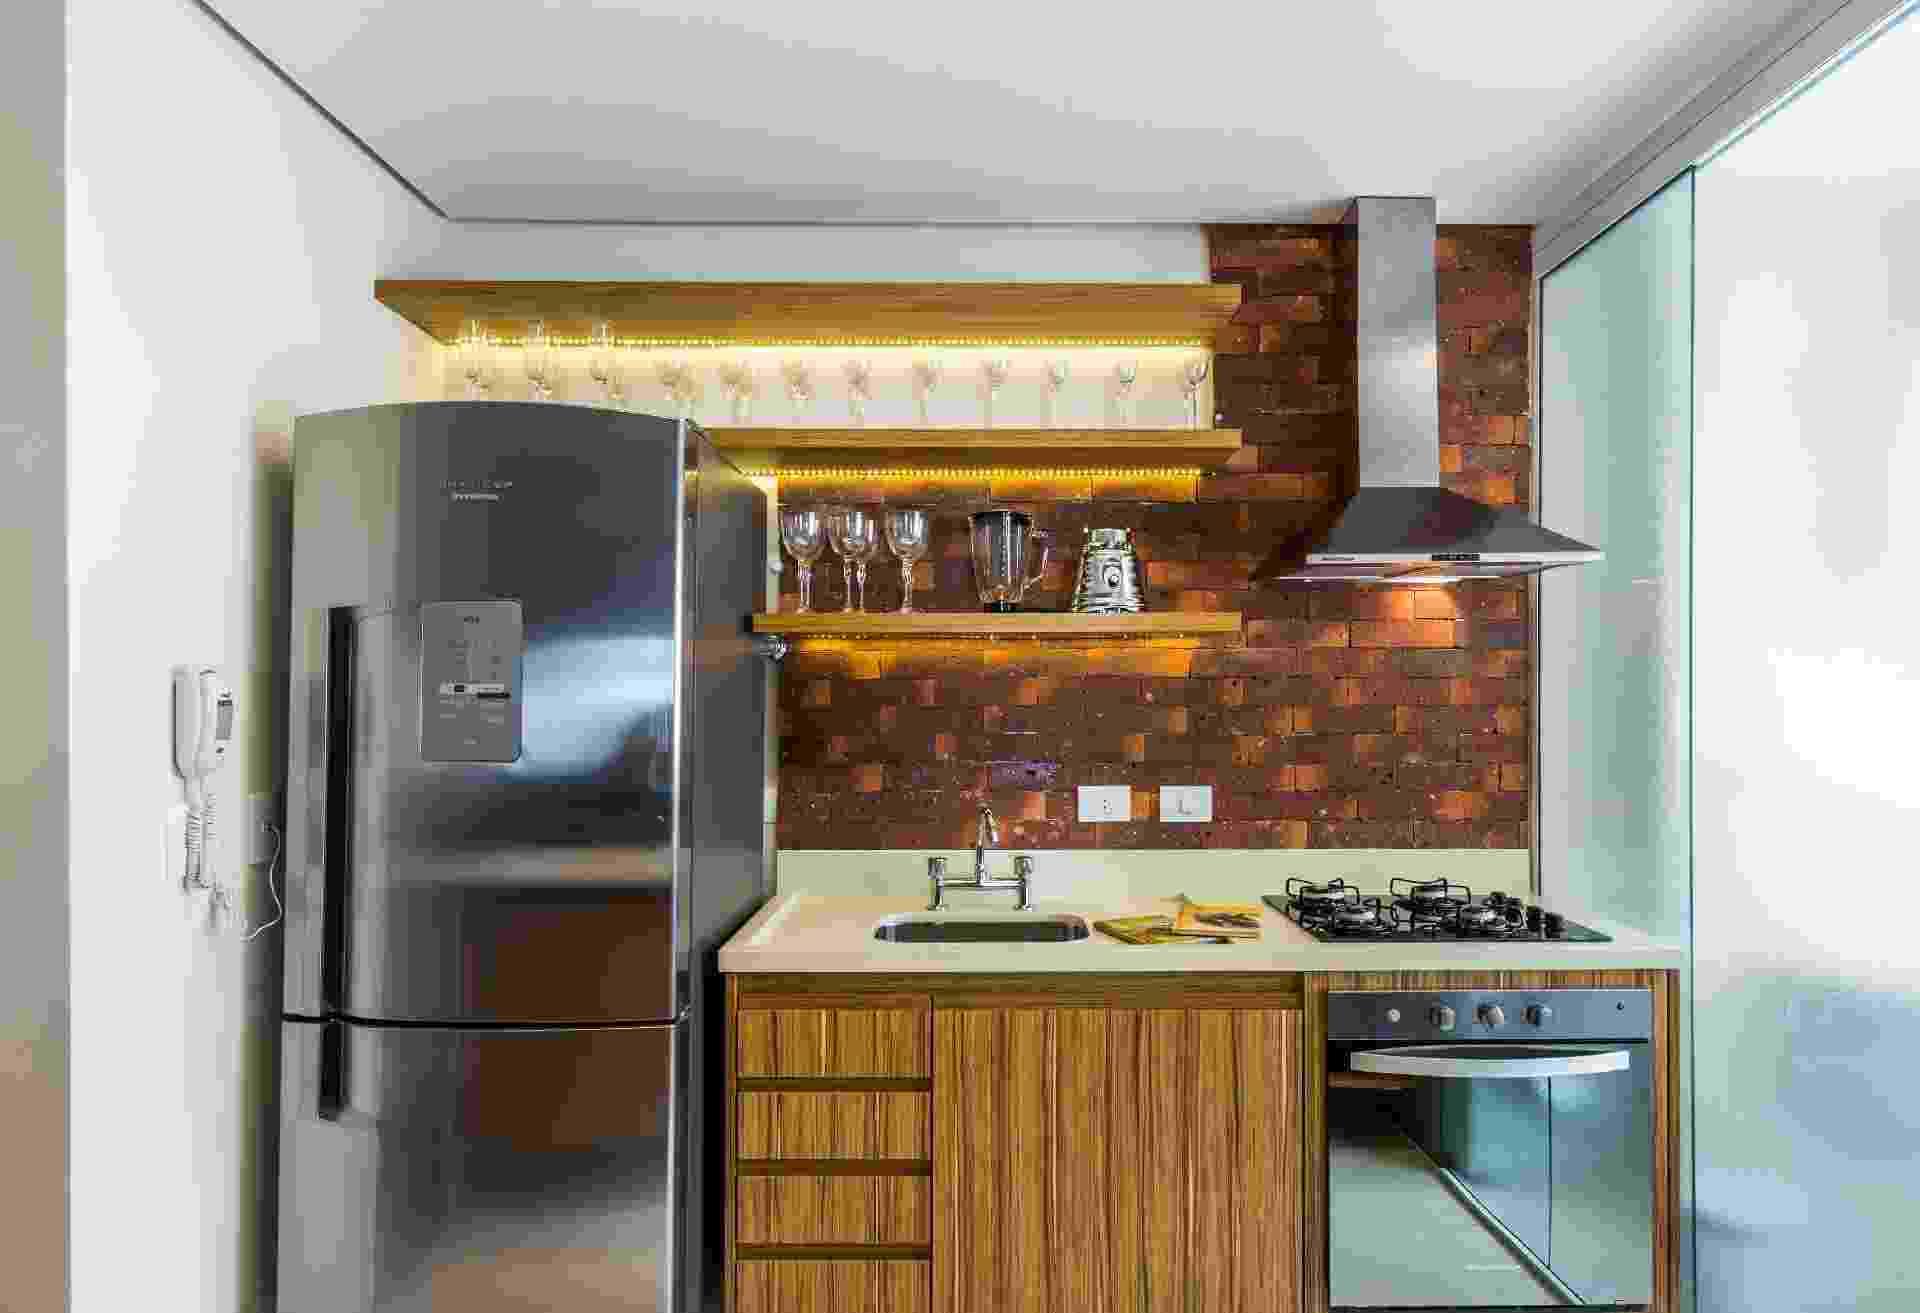 Neste projeto, em vez dos tradicionais armários aéreos sobre o frontão (nome dado à parede sobre a pia), prateleiras com iluminação embutida. O recurso é uma boa pedida para destacar a decoração (aqui taças e eletros de inox) e, somado à marcenaria e ao revestimento rústico, deixou a cozinha mais acolhedora. Projeto BY Arq & Design Arquitetura e Decoração - Melissa Binder/ Divulgação